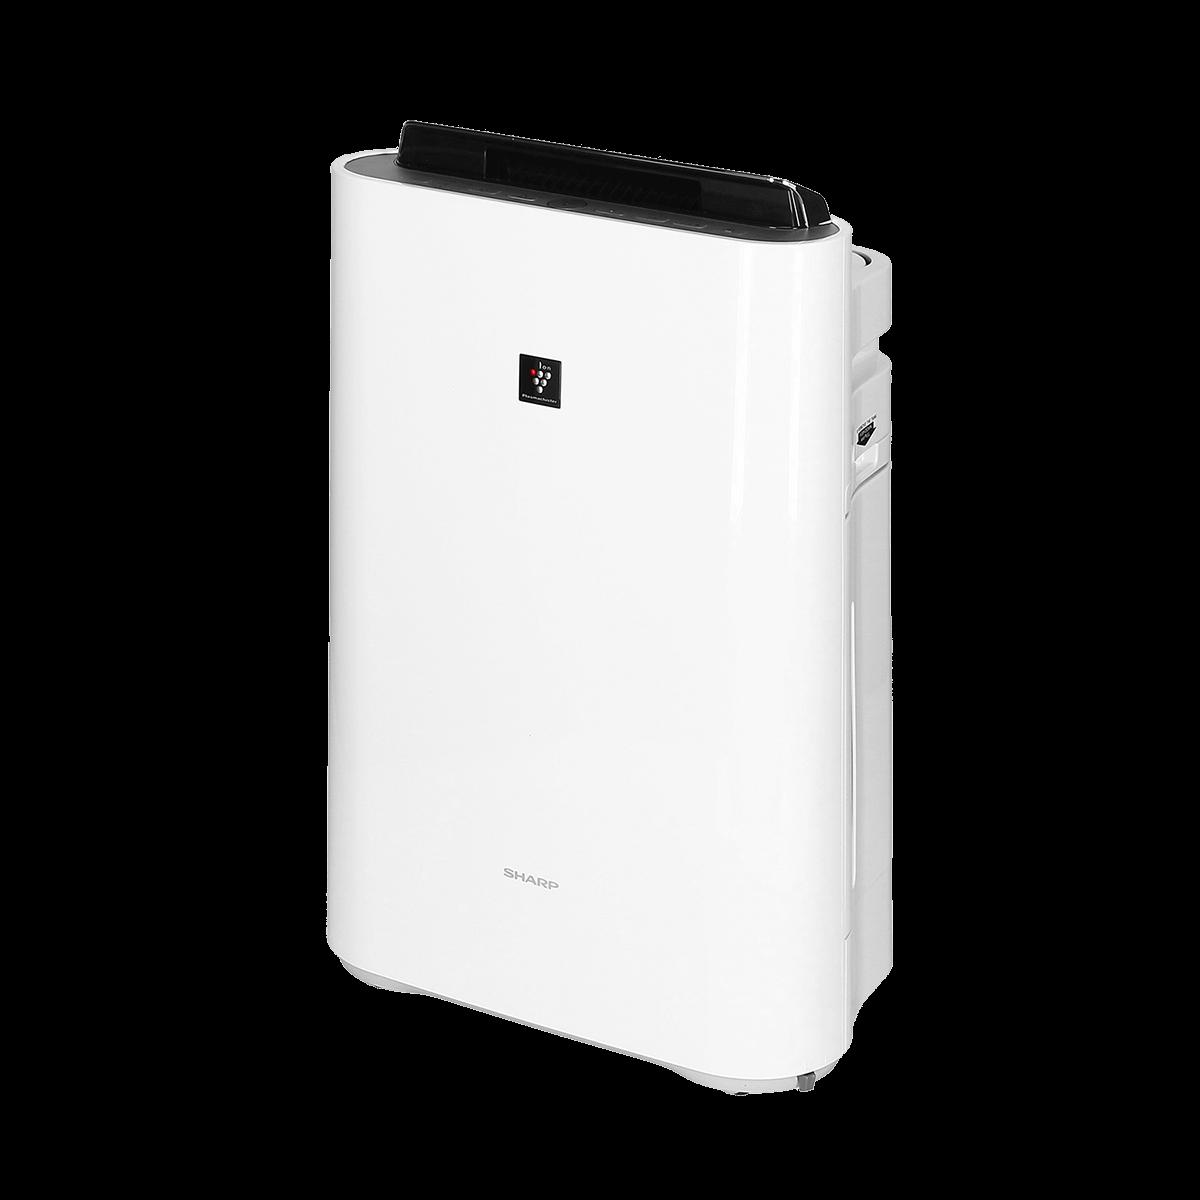 Oczyszczacz powietrza Sharp KC-D60EUW